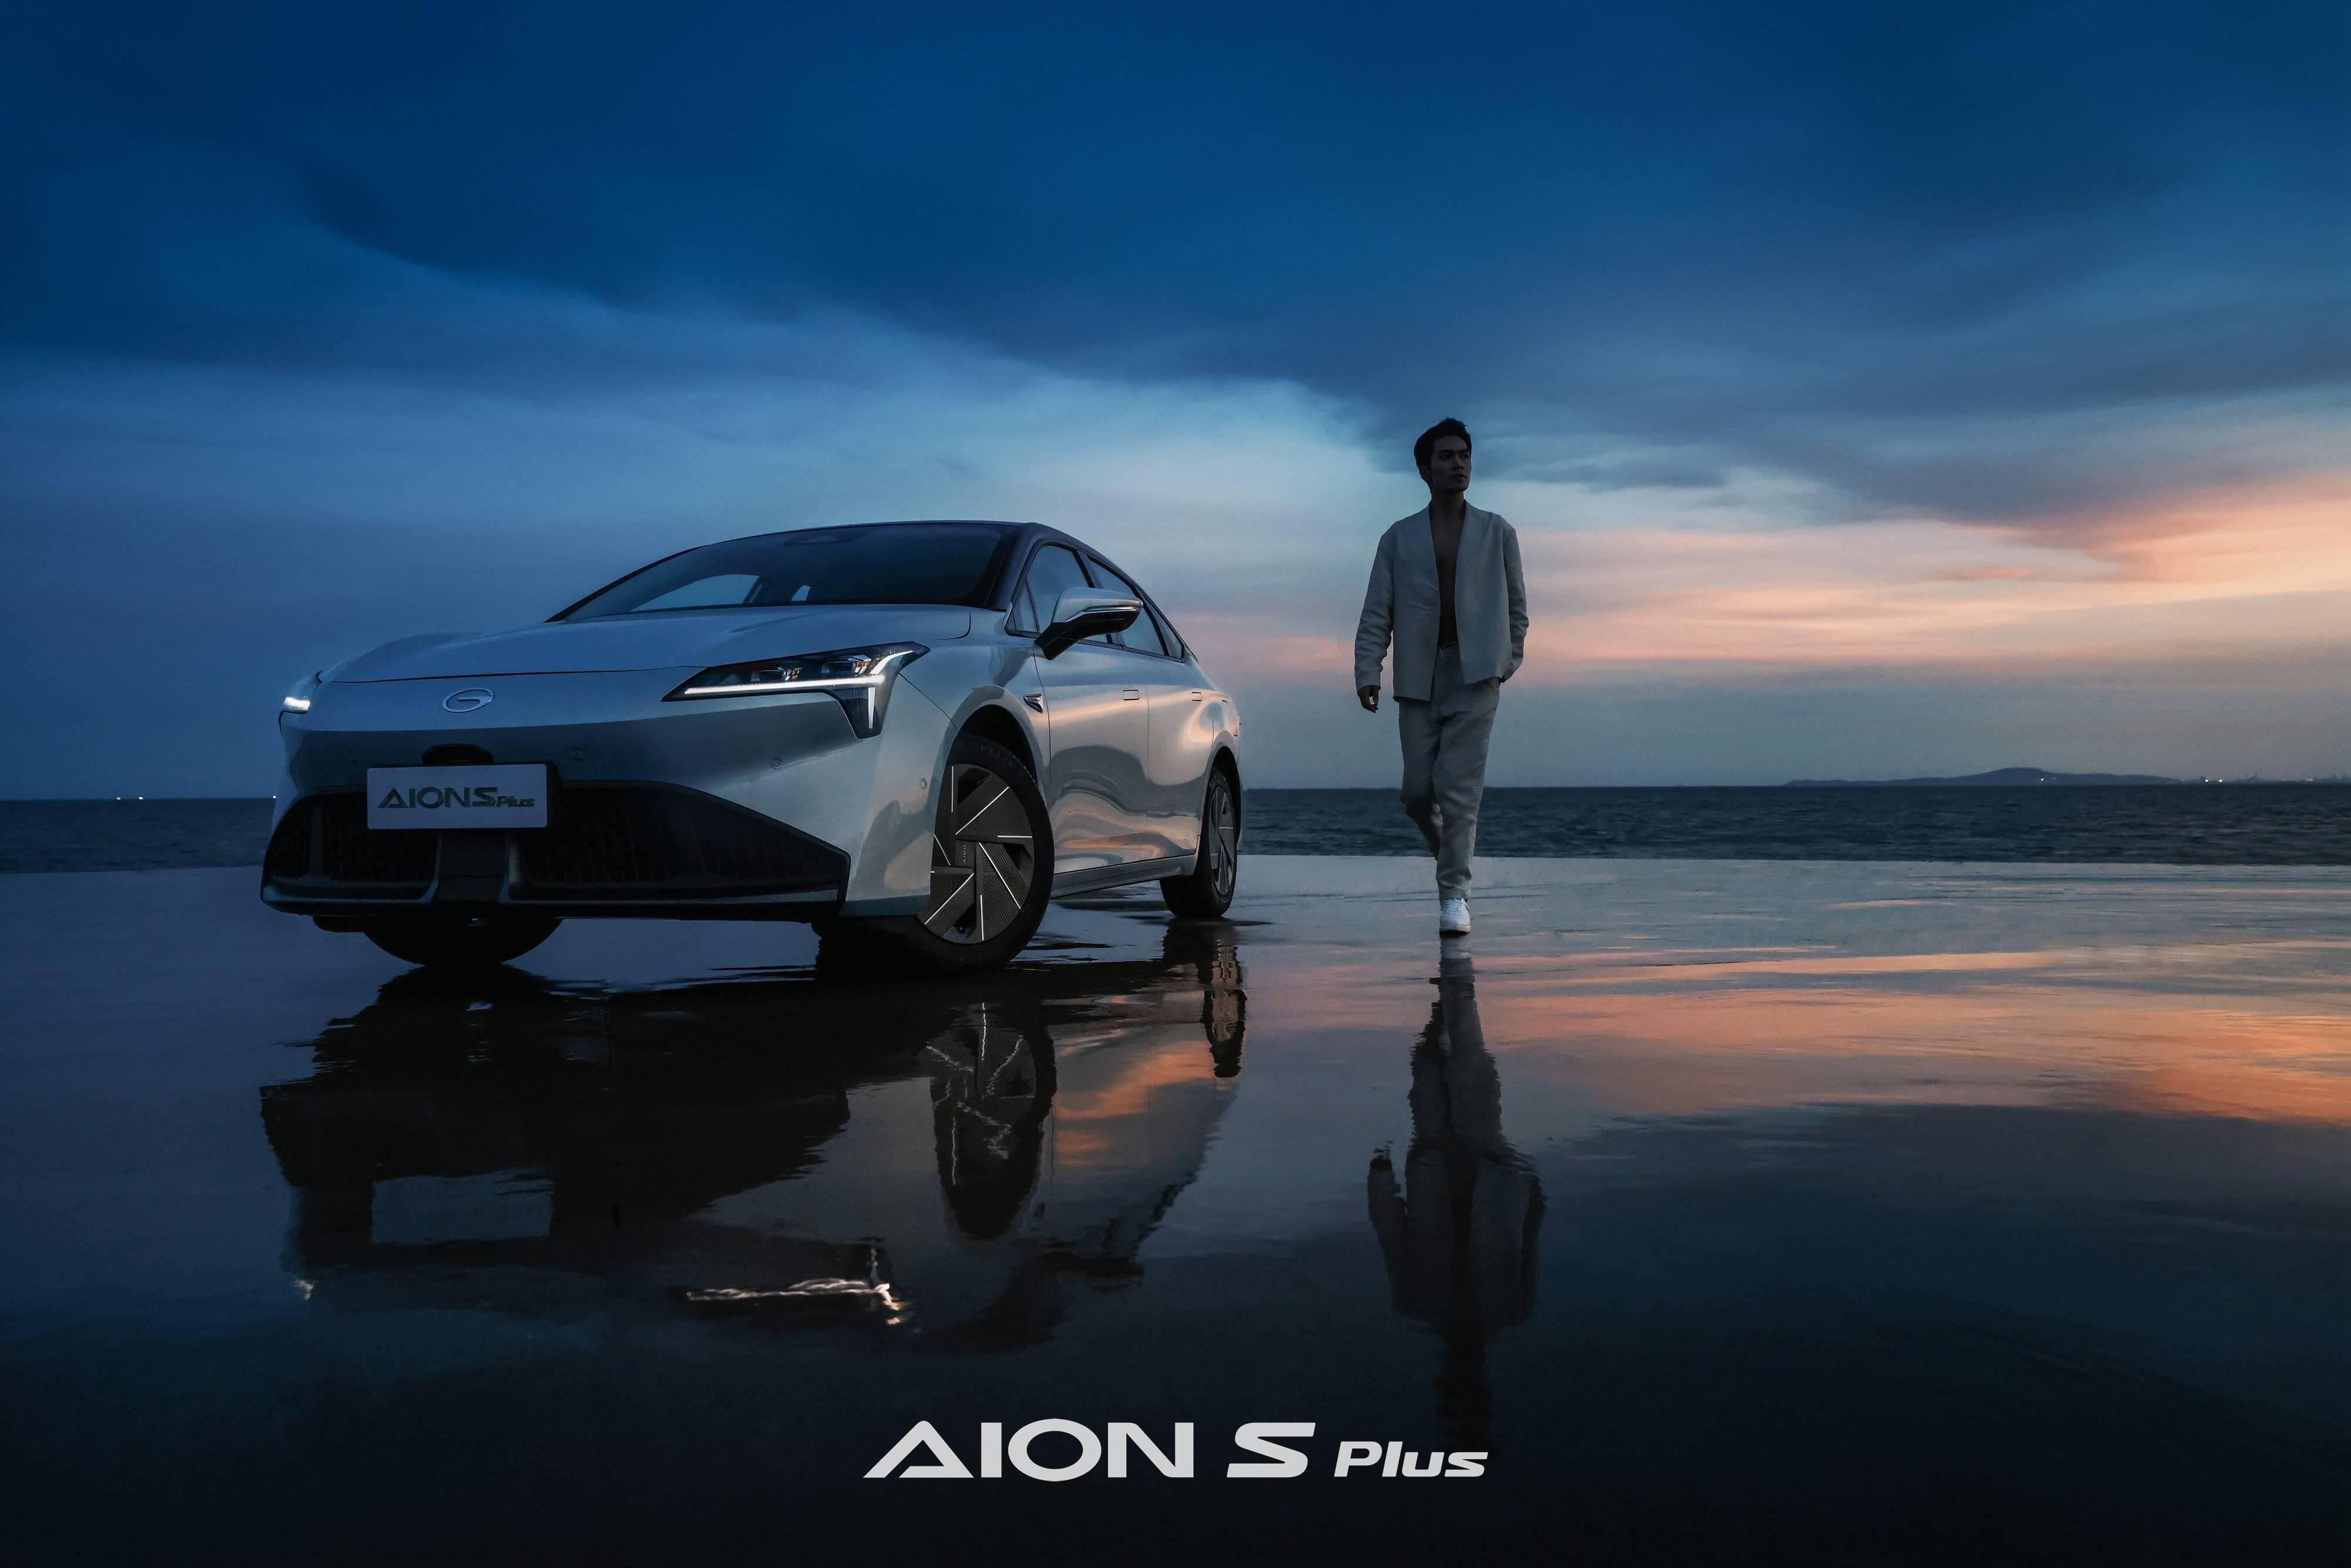 全透明懸浮智能座艙值得期待 體驗AION S Plus